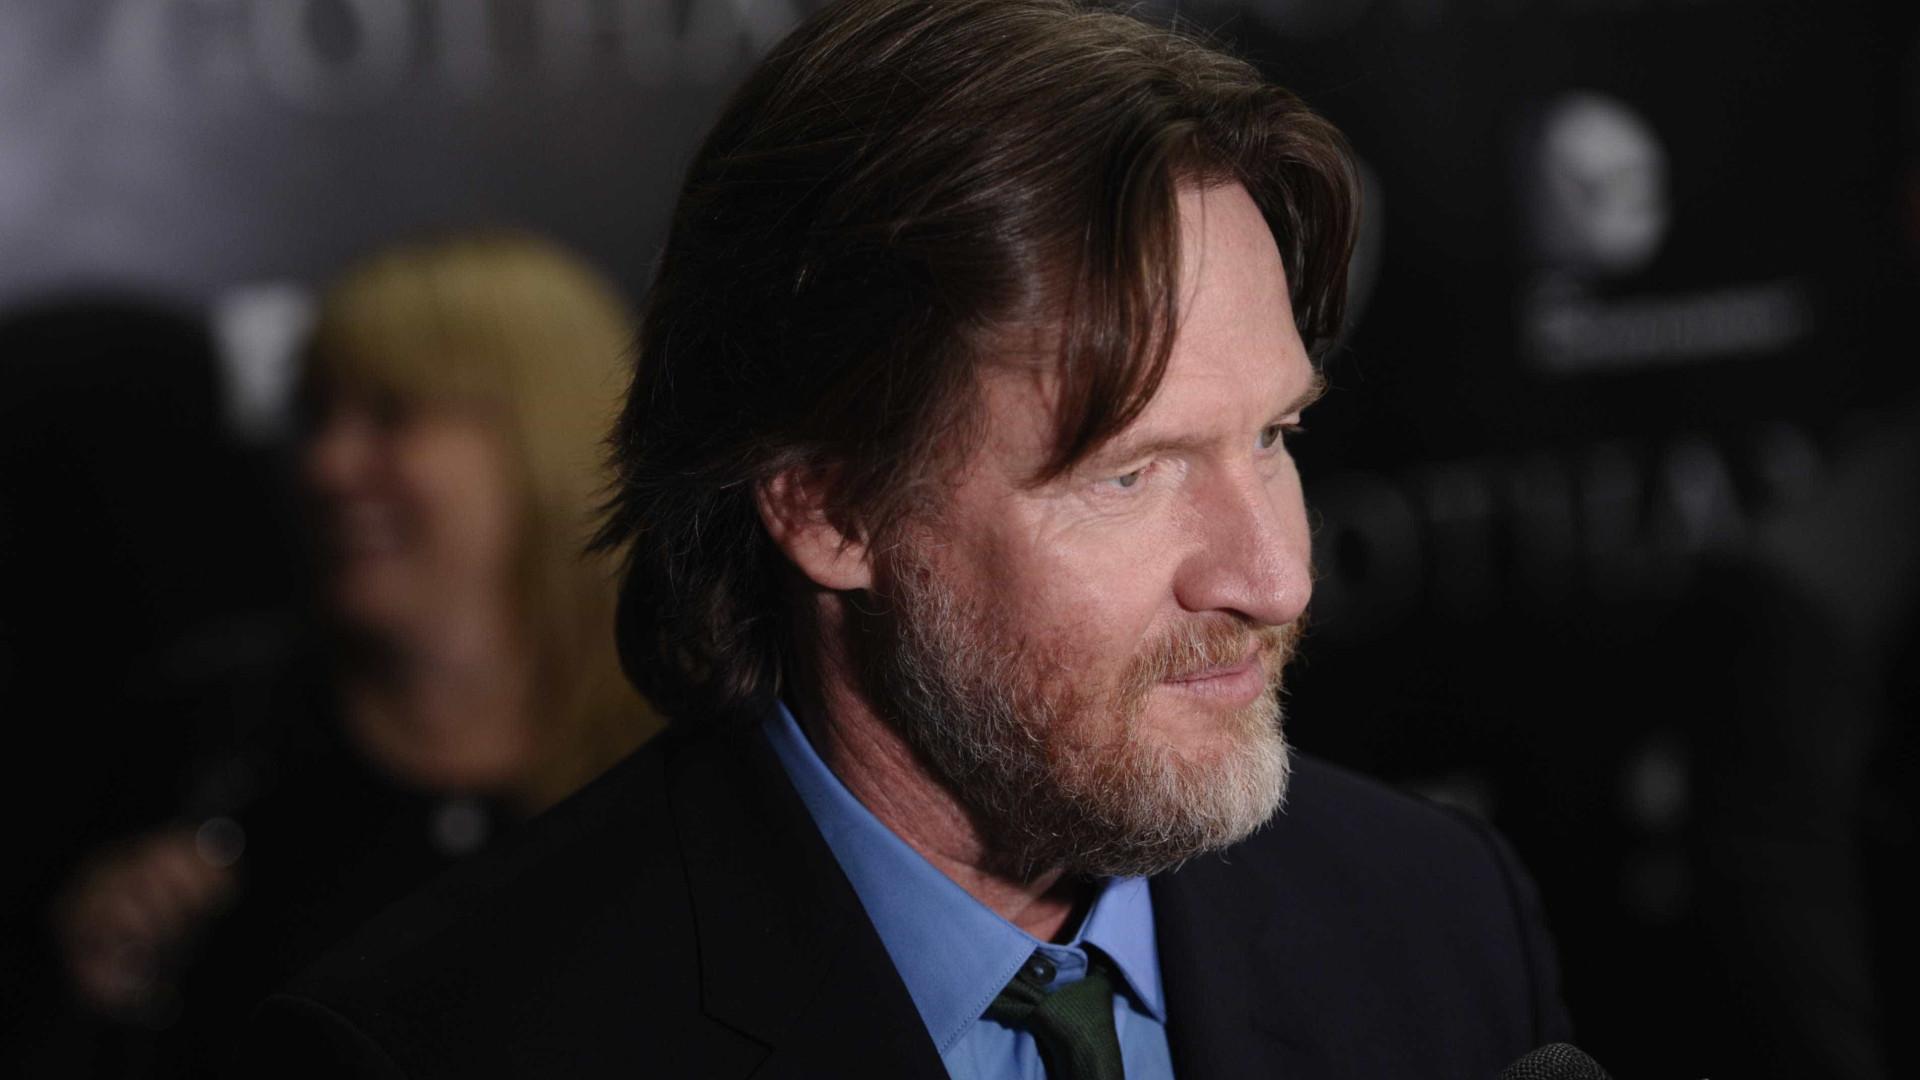 Filha de ator de 'Gotham', Donal Logue, encontrada após desaparecimento